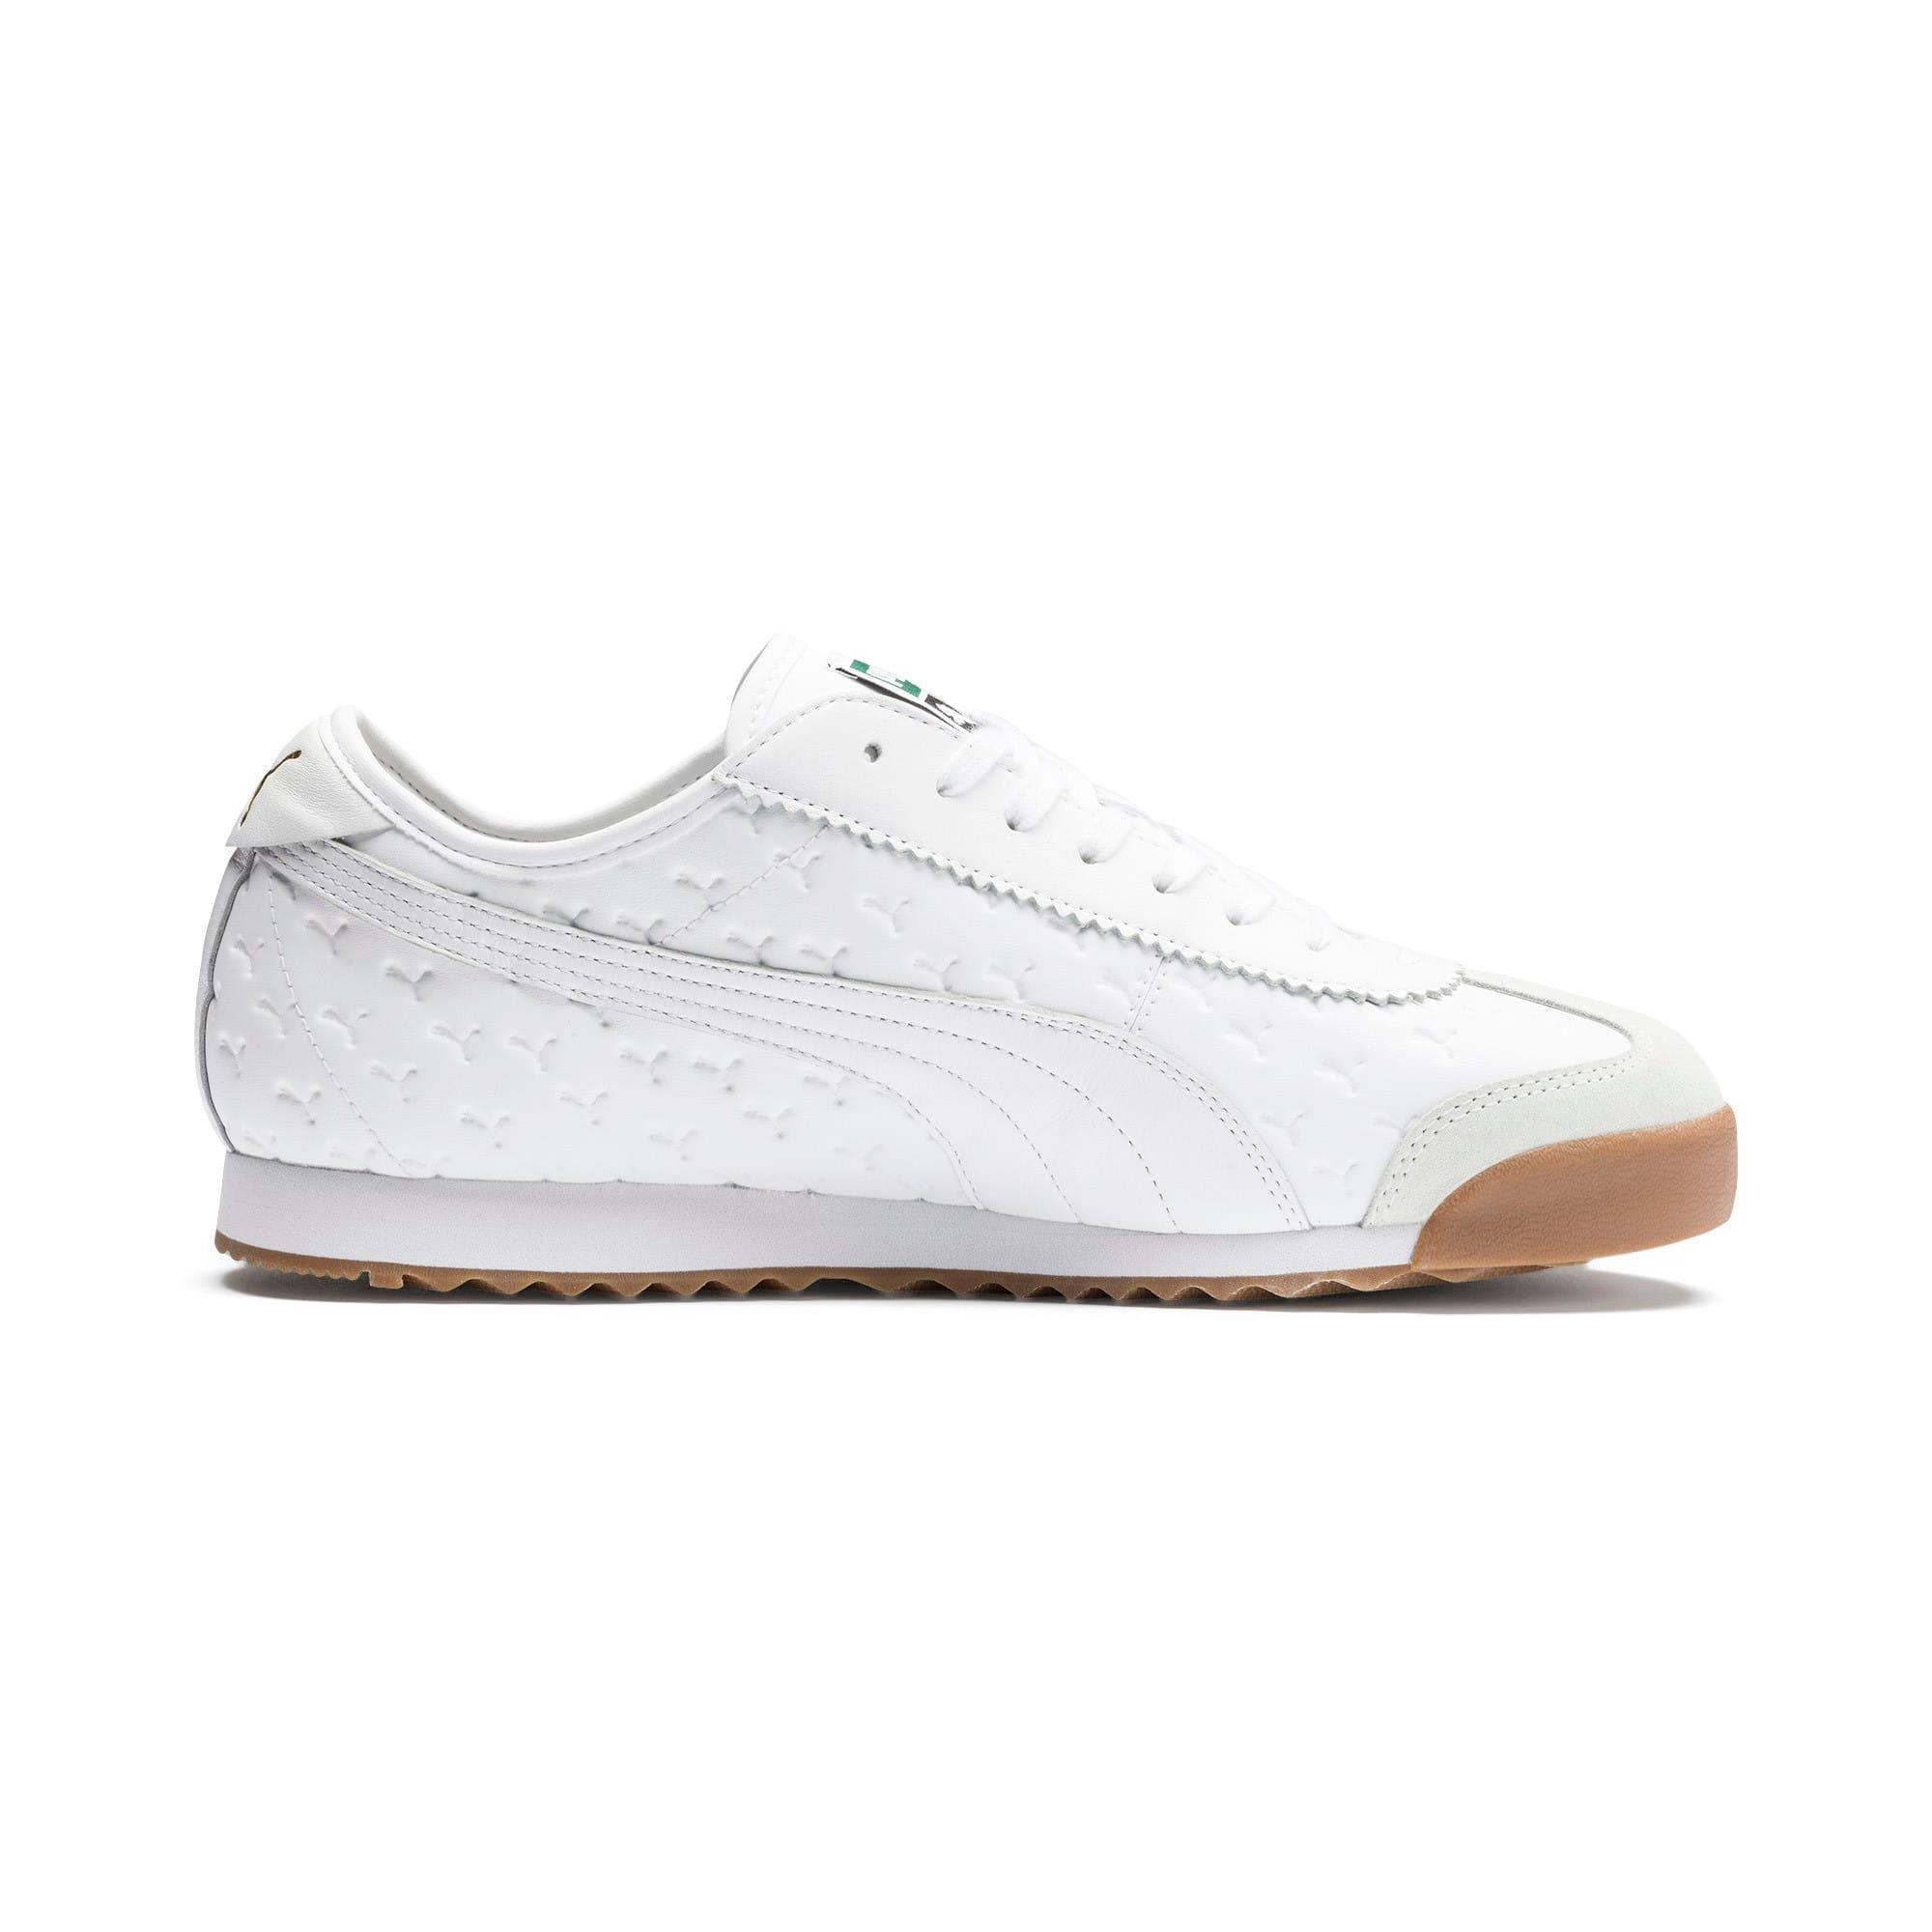 Miniatura 6 de Zapatos deportivos Roma '68 Gum, Puma White-Puma White, mediano